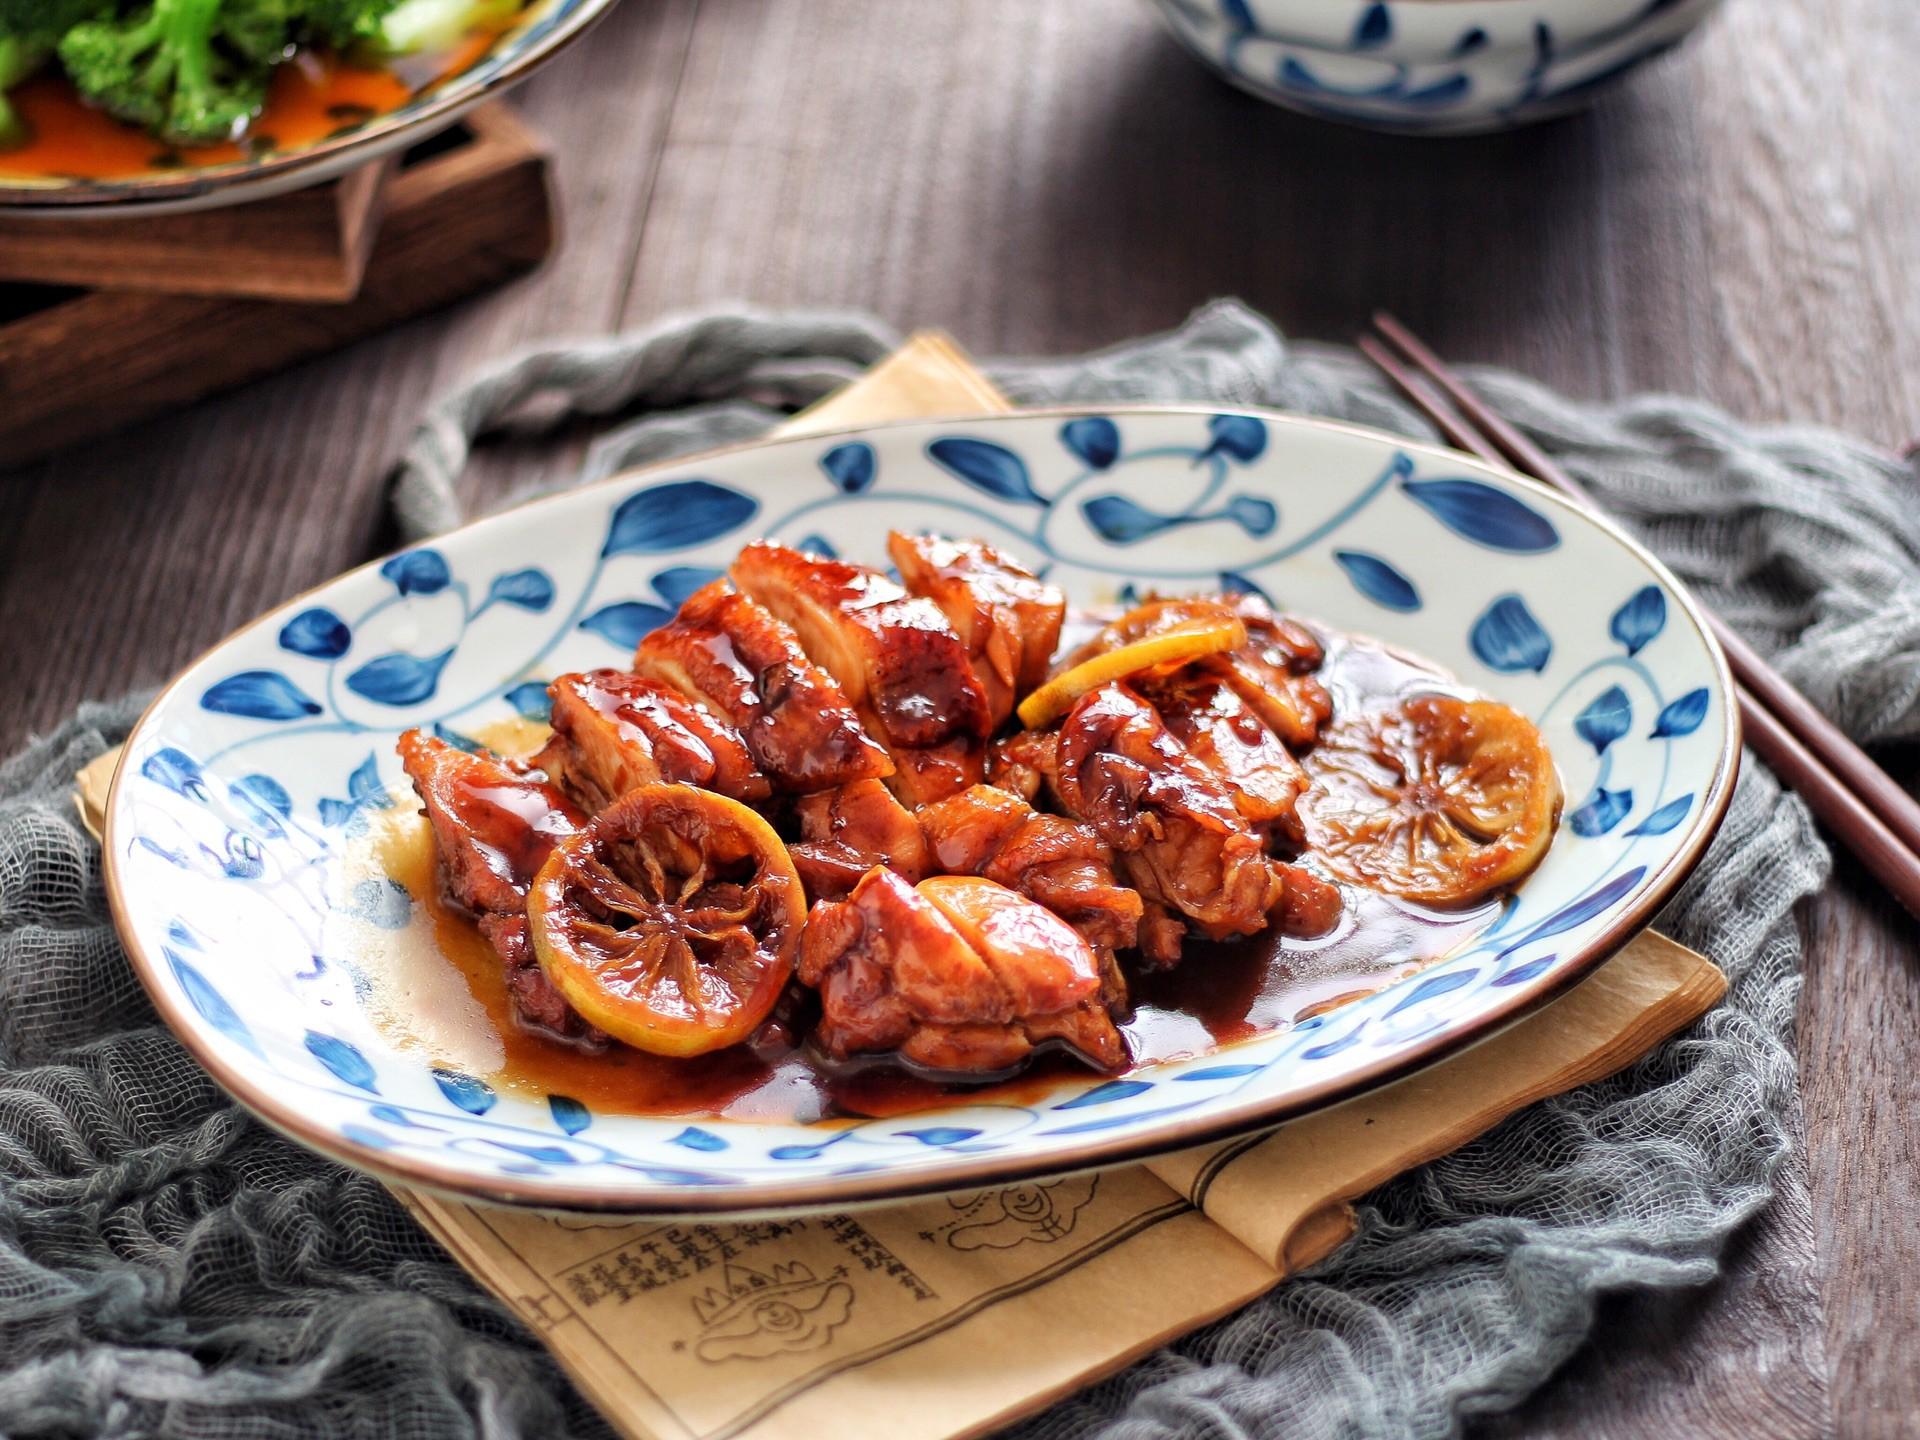 Món ngon mới toanh từ thịt gà đổi món cho cả nhà dịp cuối tuần-4